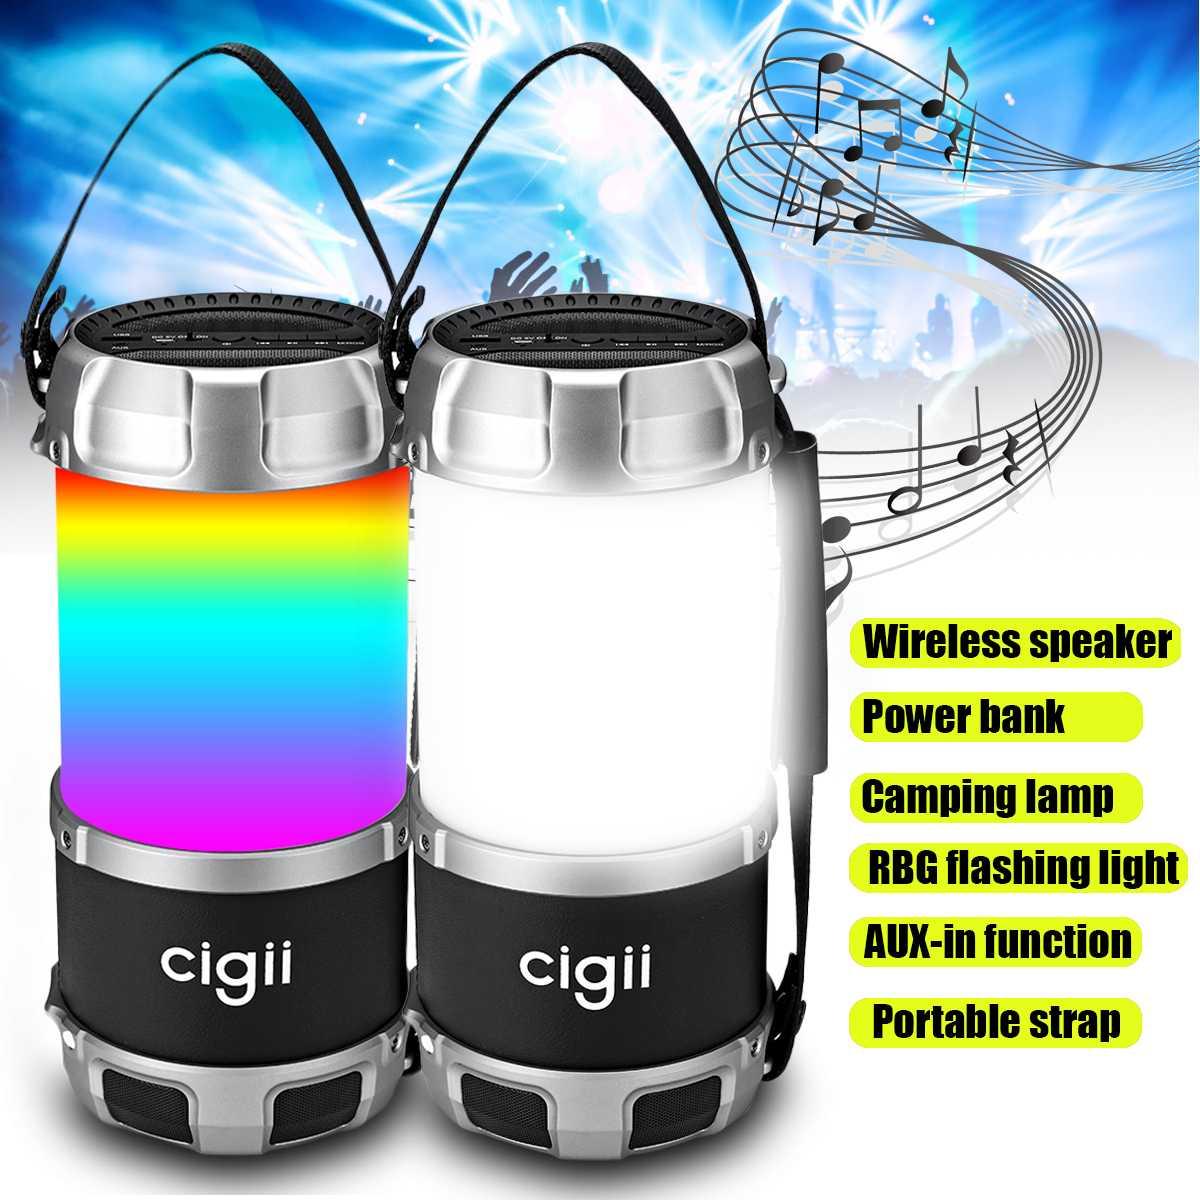 Haut-parleur bluetooth sans fil caisson de basses haut-parleur Portable altavoz bluetooth extérieur Camping batterie externe pour voyage AUX USB RGB lumière LED